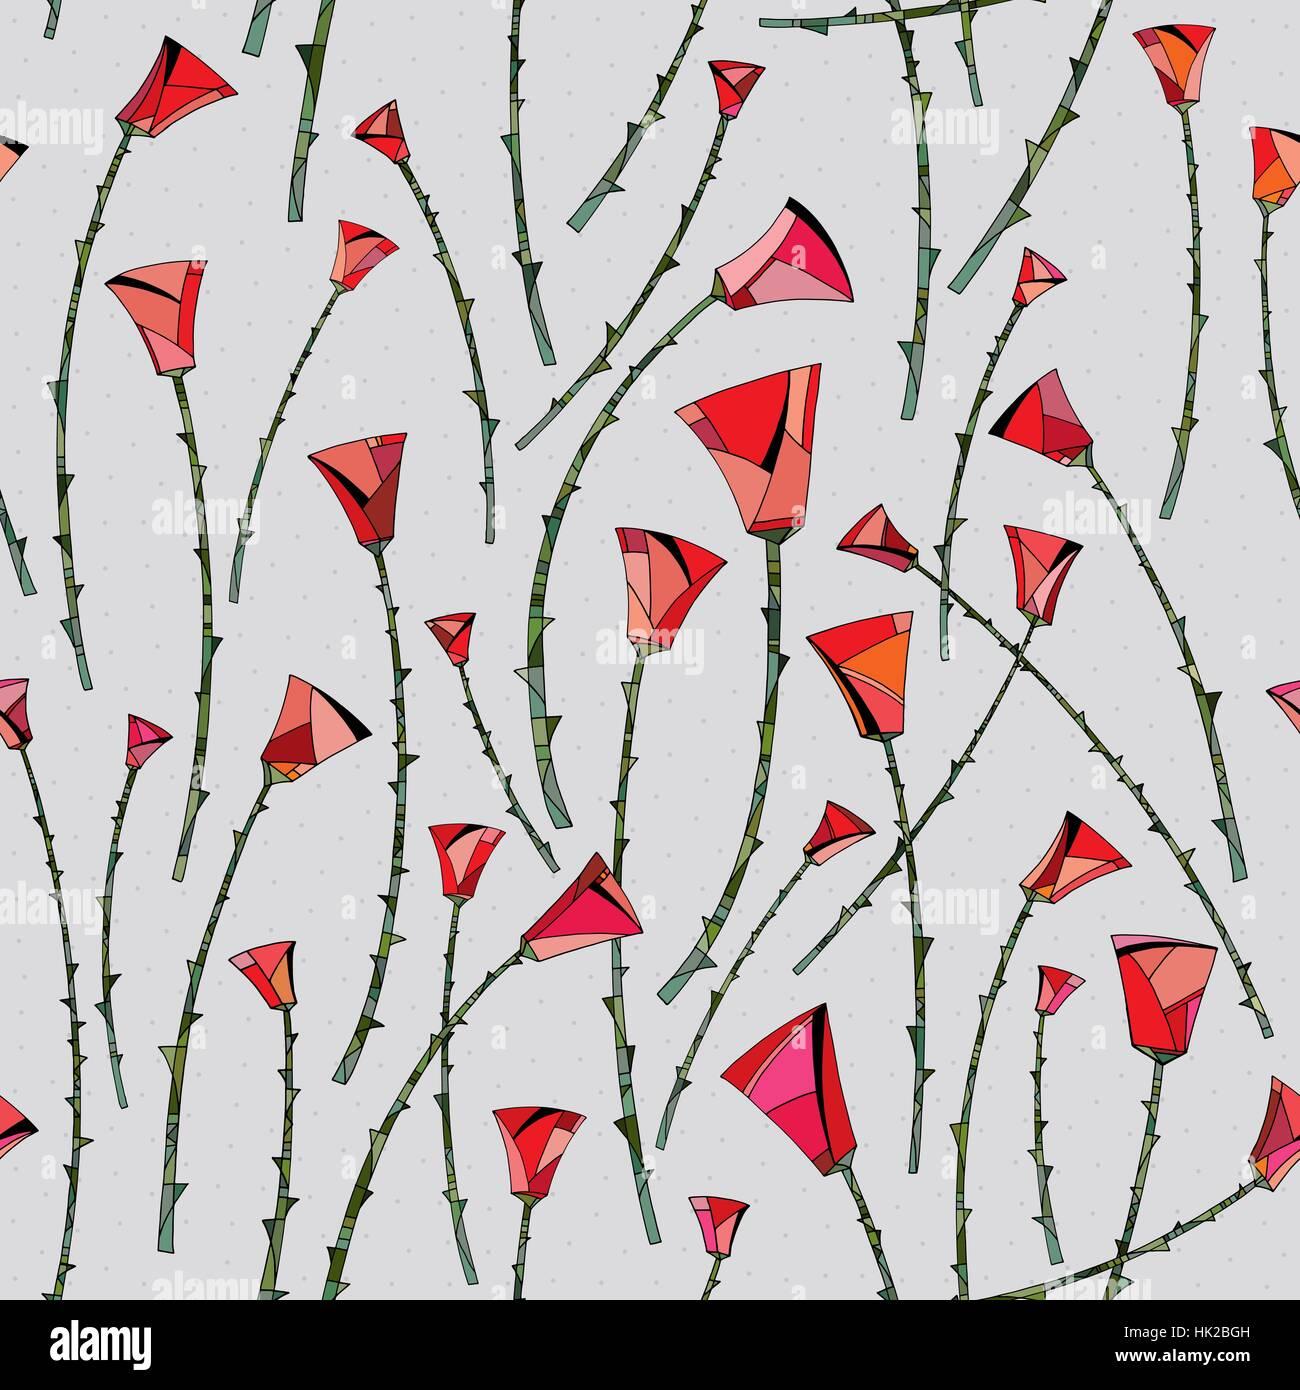 Abstrakte Rosen Muster. Floral nahtlose Hintergrund. Stilisierte ...